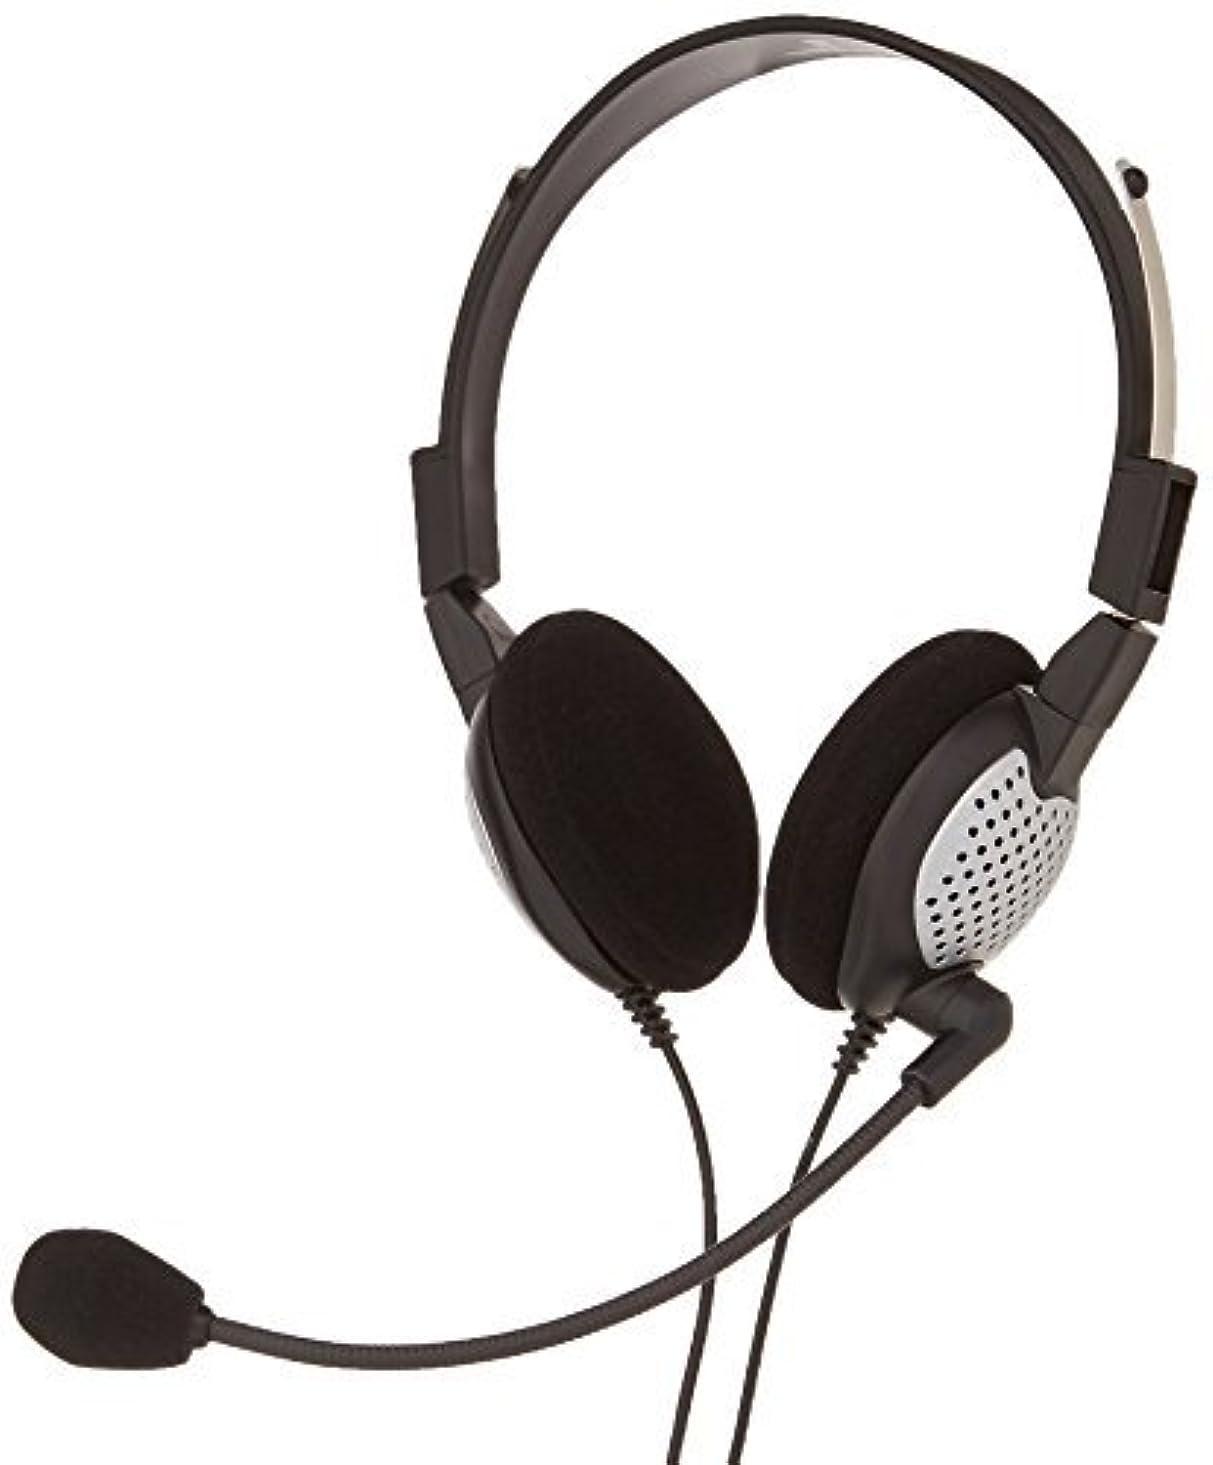 灰狂信者ほぼAndrea Electronics C1-1022600-1 model NC-185 VM USB High Fidelity Stereo USB Computer Headset with Noise Canceling Microphone and Volume/Mute Controls [並行輸入品]